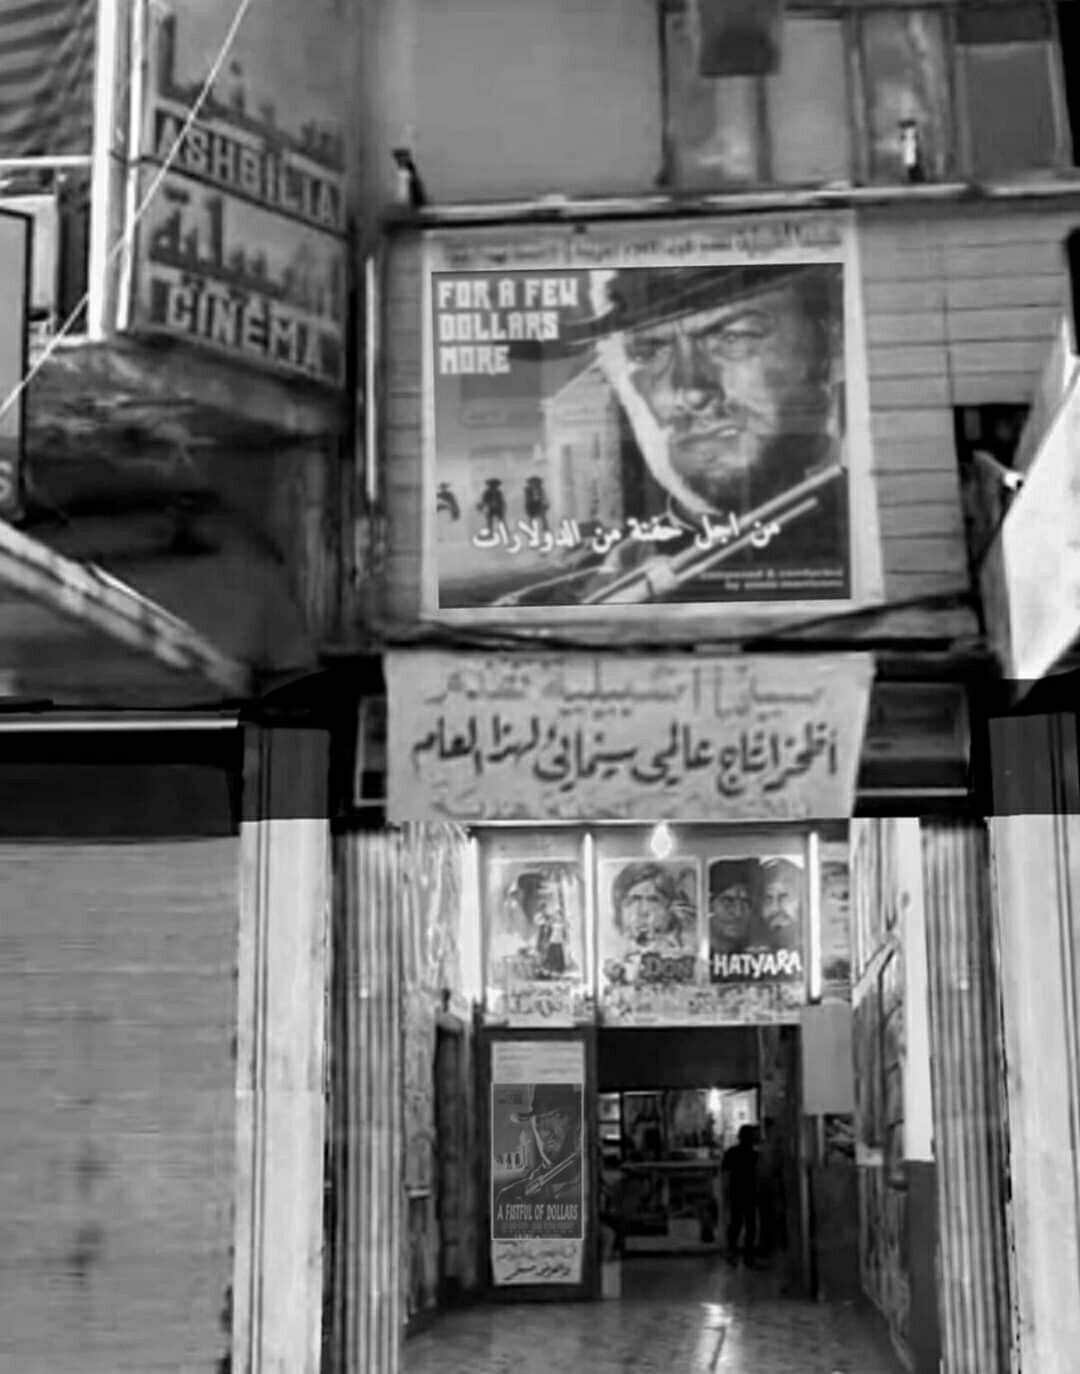 سينما اشبيليه في الموصل Broadway Shows Broadway Show Signs Baghdad